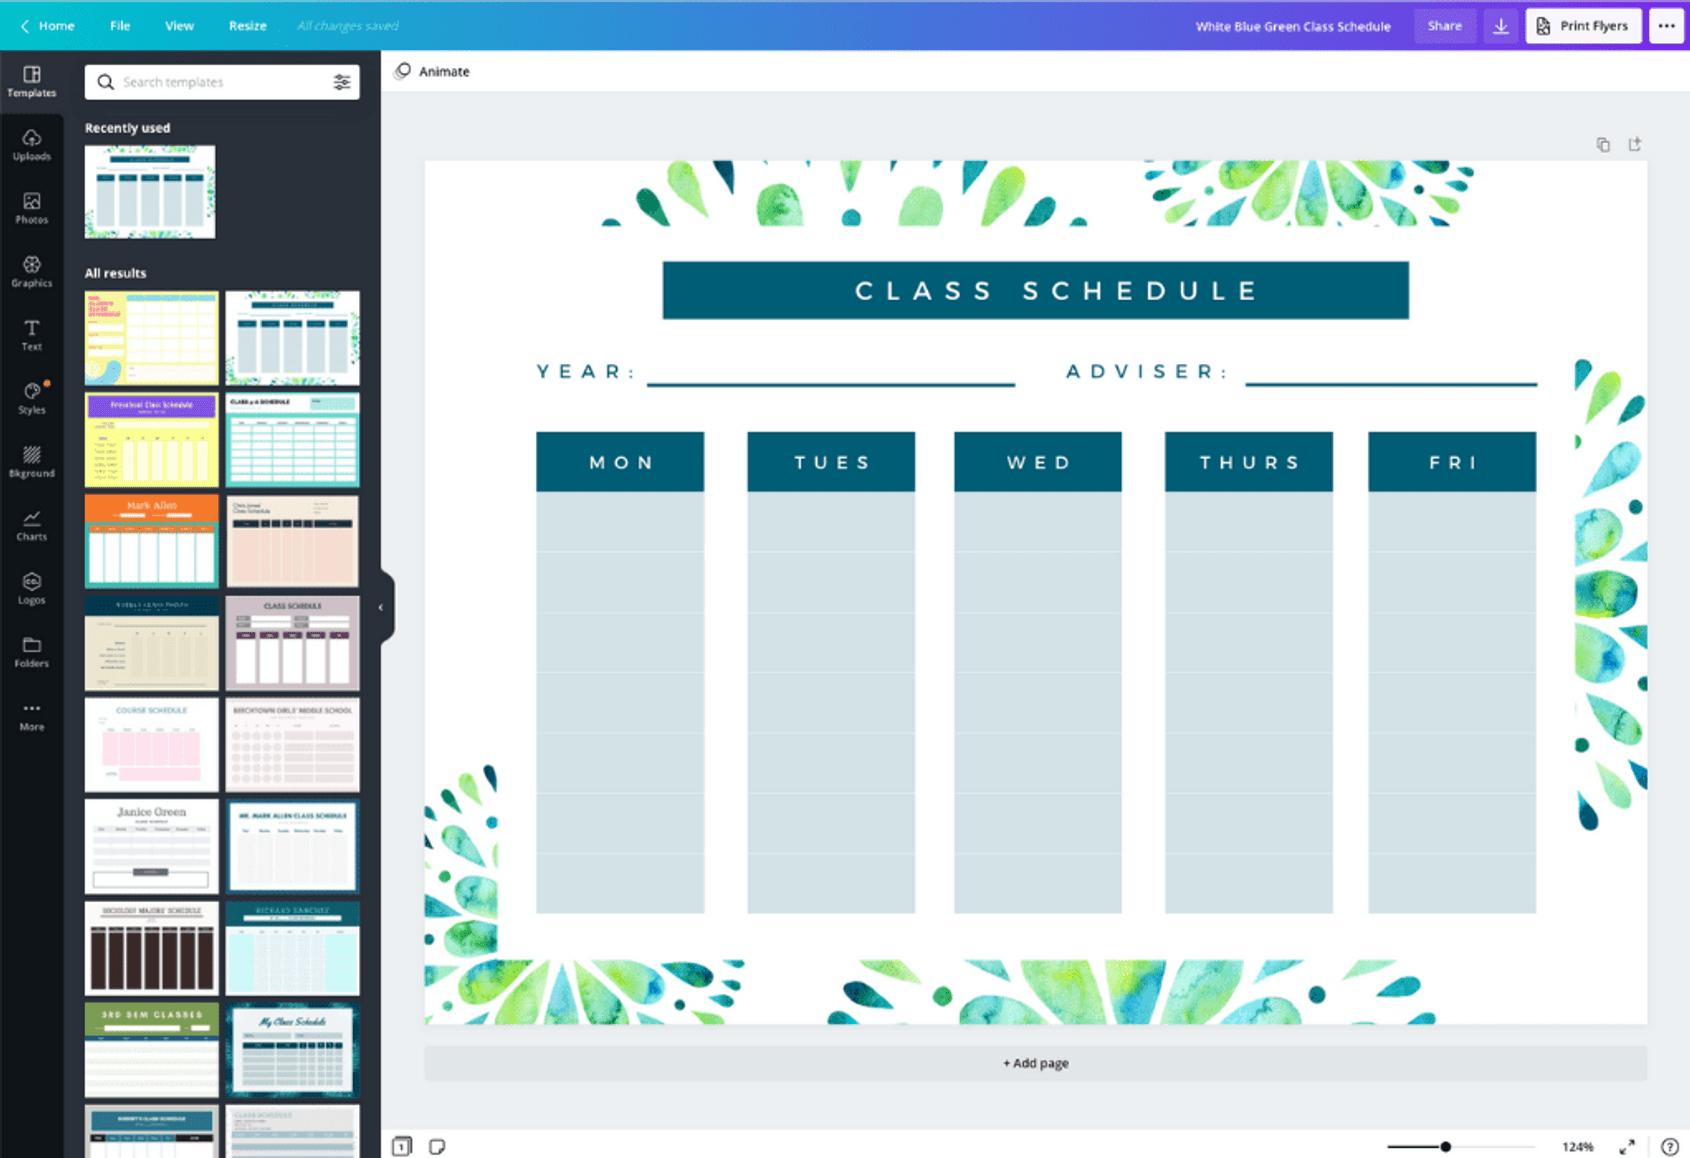 Free Online Class Schedules: Design A Custom Class Schedule pertaining to Canva Calendar Maker